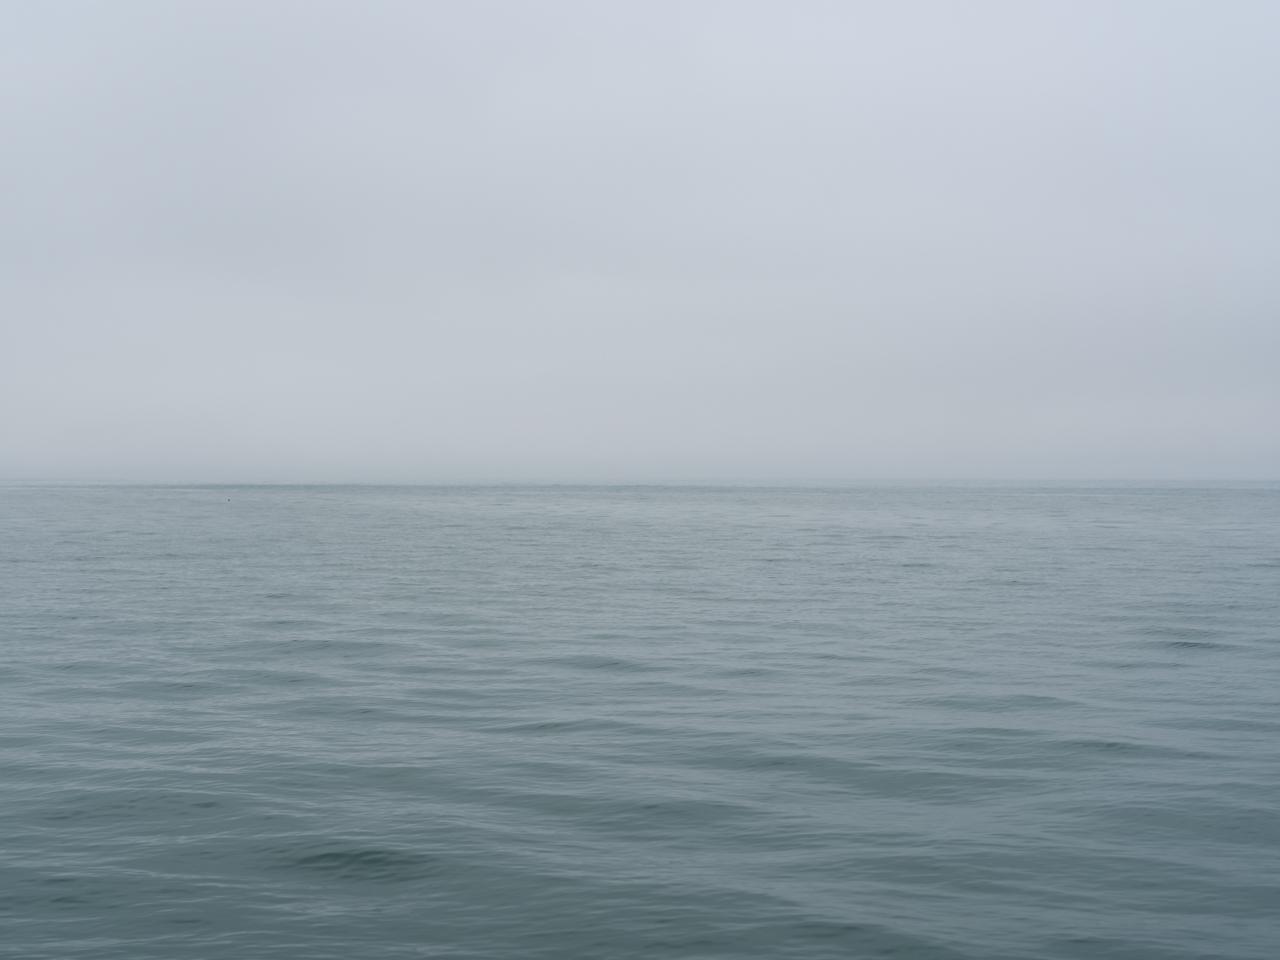 Lake Michigan, January 10th, 2020